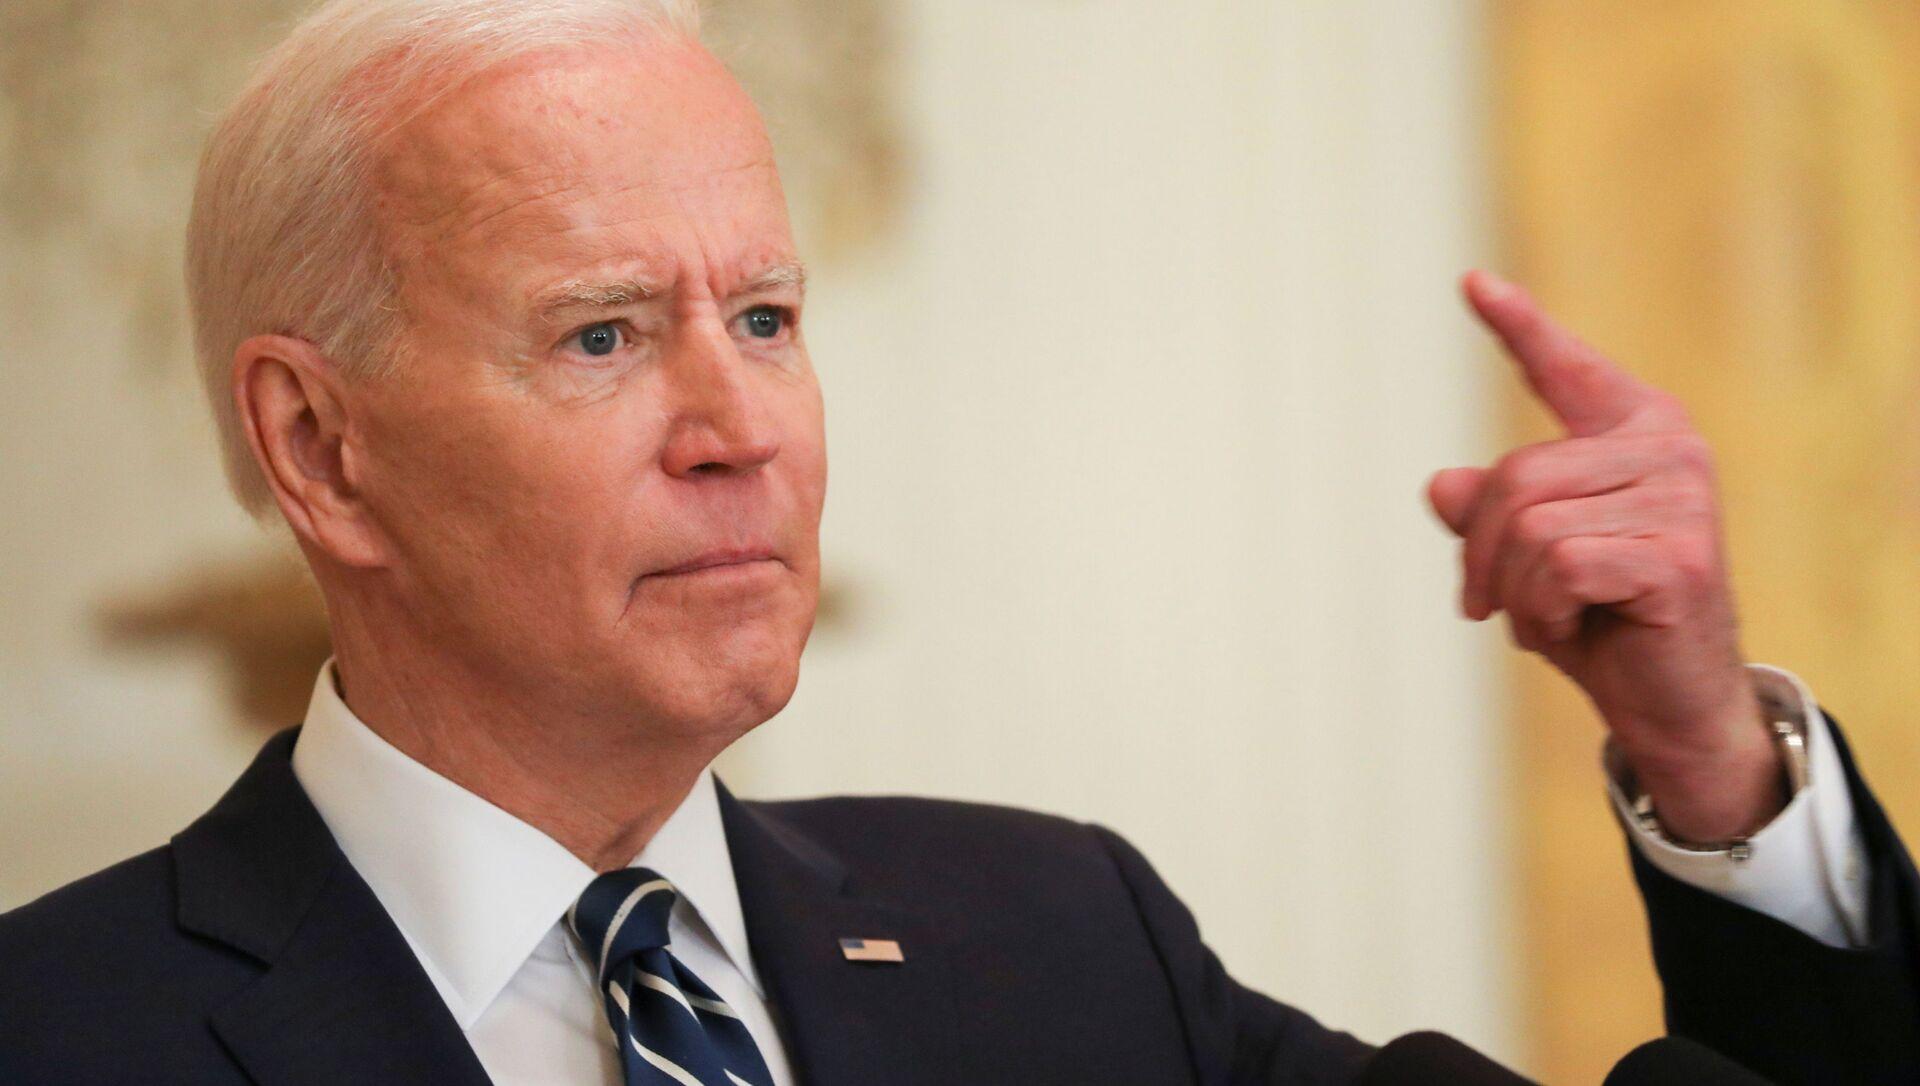 Tổng thống Hoa Kỳ Joe Biden trong cuộc họp báo chính thức đầu tiên trên cương vị Tổng thống ở Washington, Mỹ. - Sputnik Việt Nam, 1920, 28.03.2021